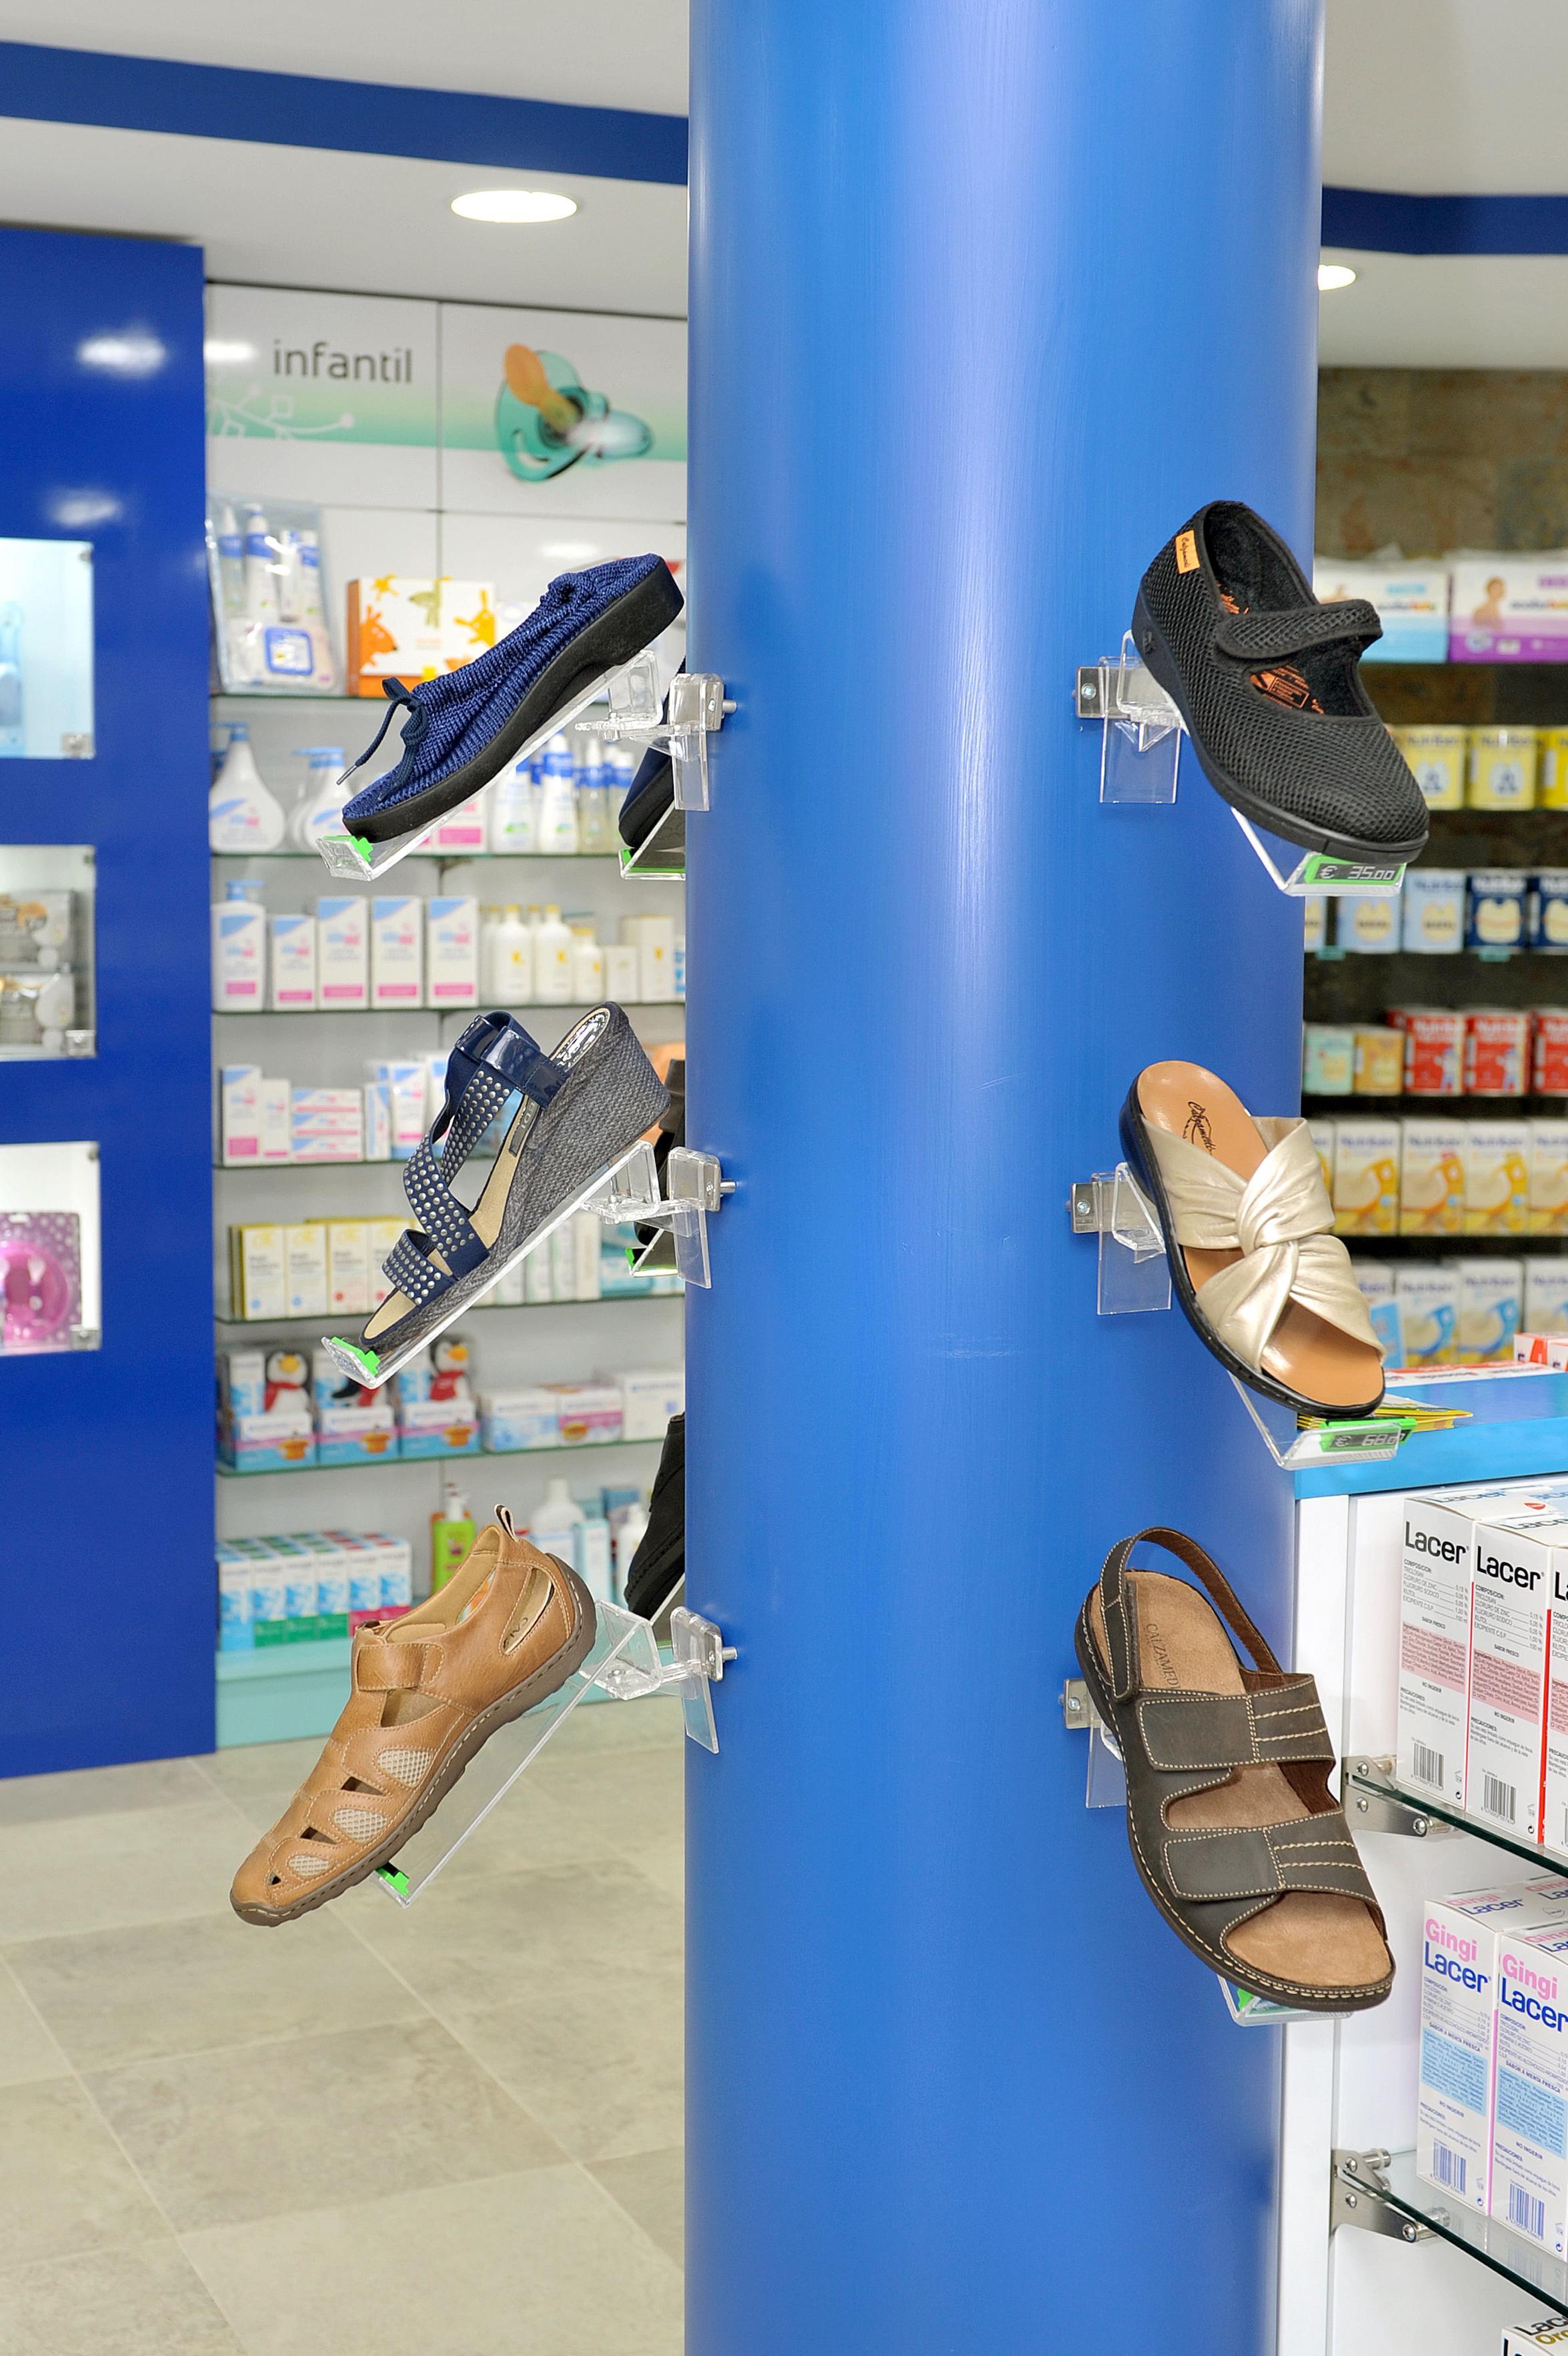 Farmacia La Cuesta. Calzado ortopédico